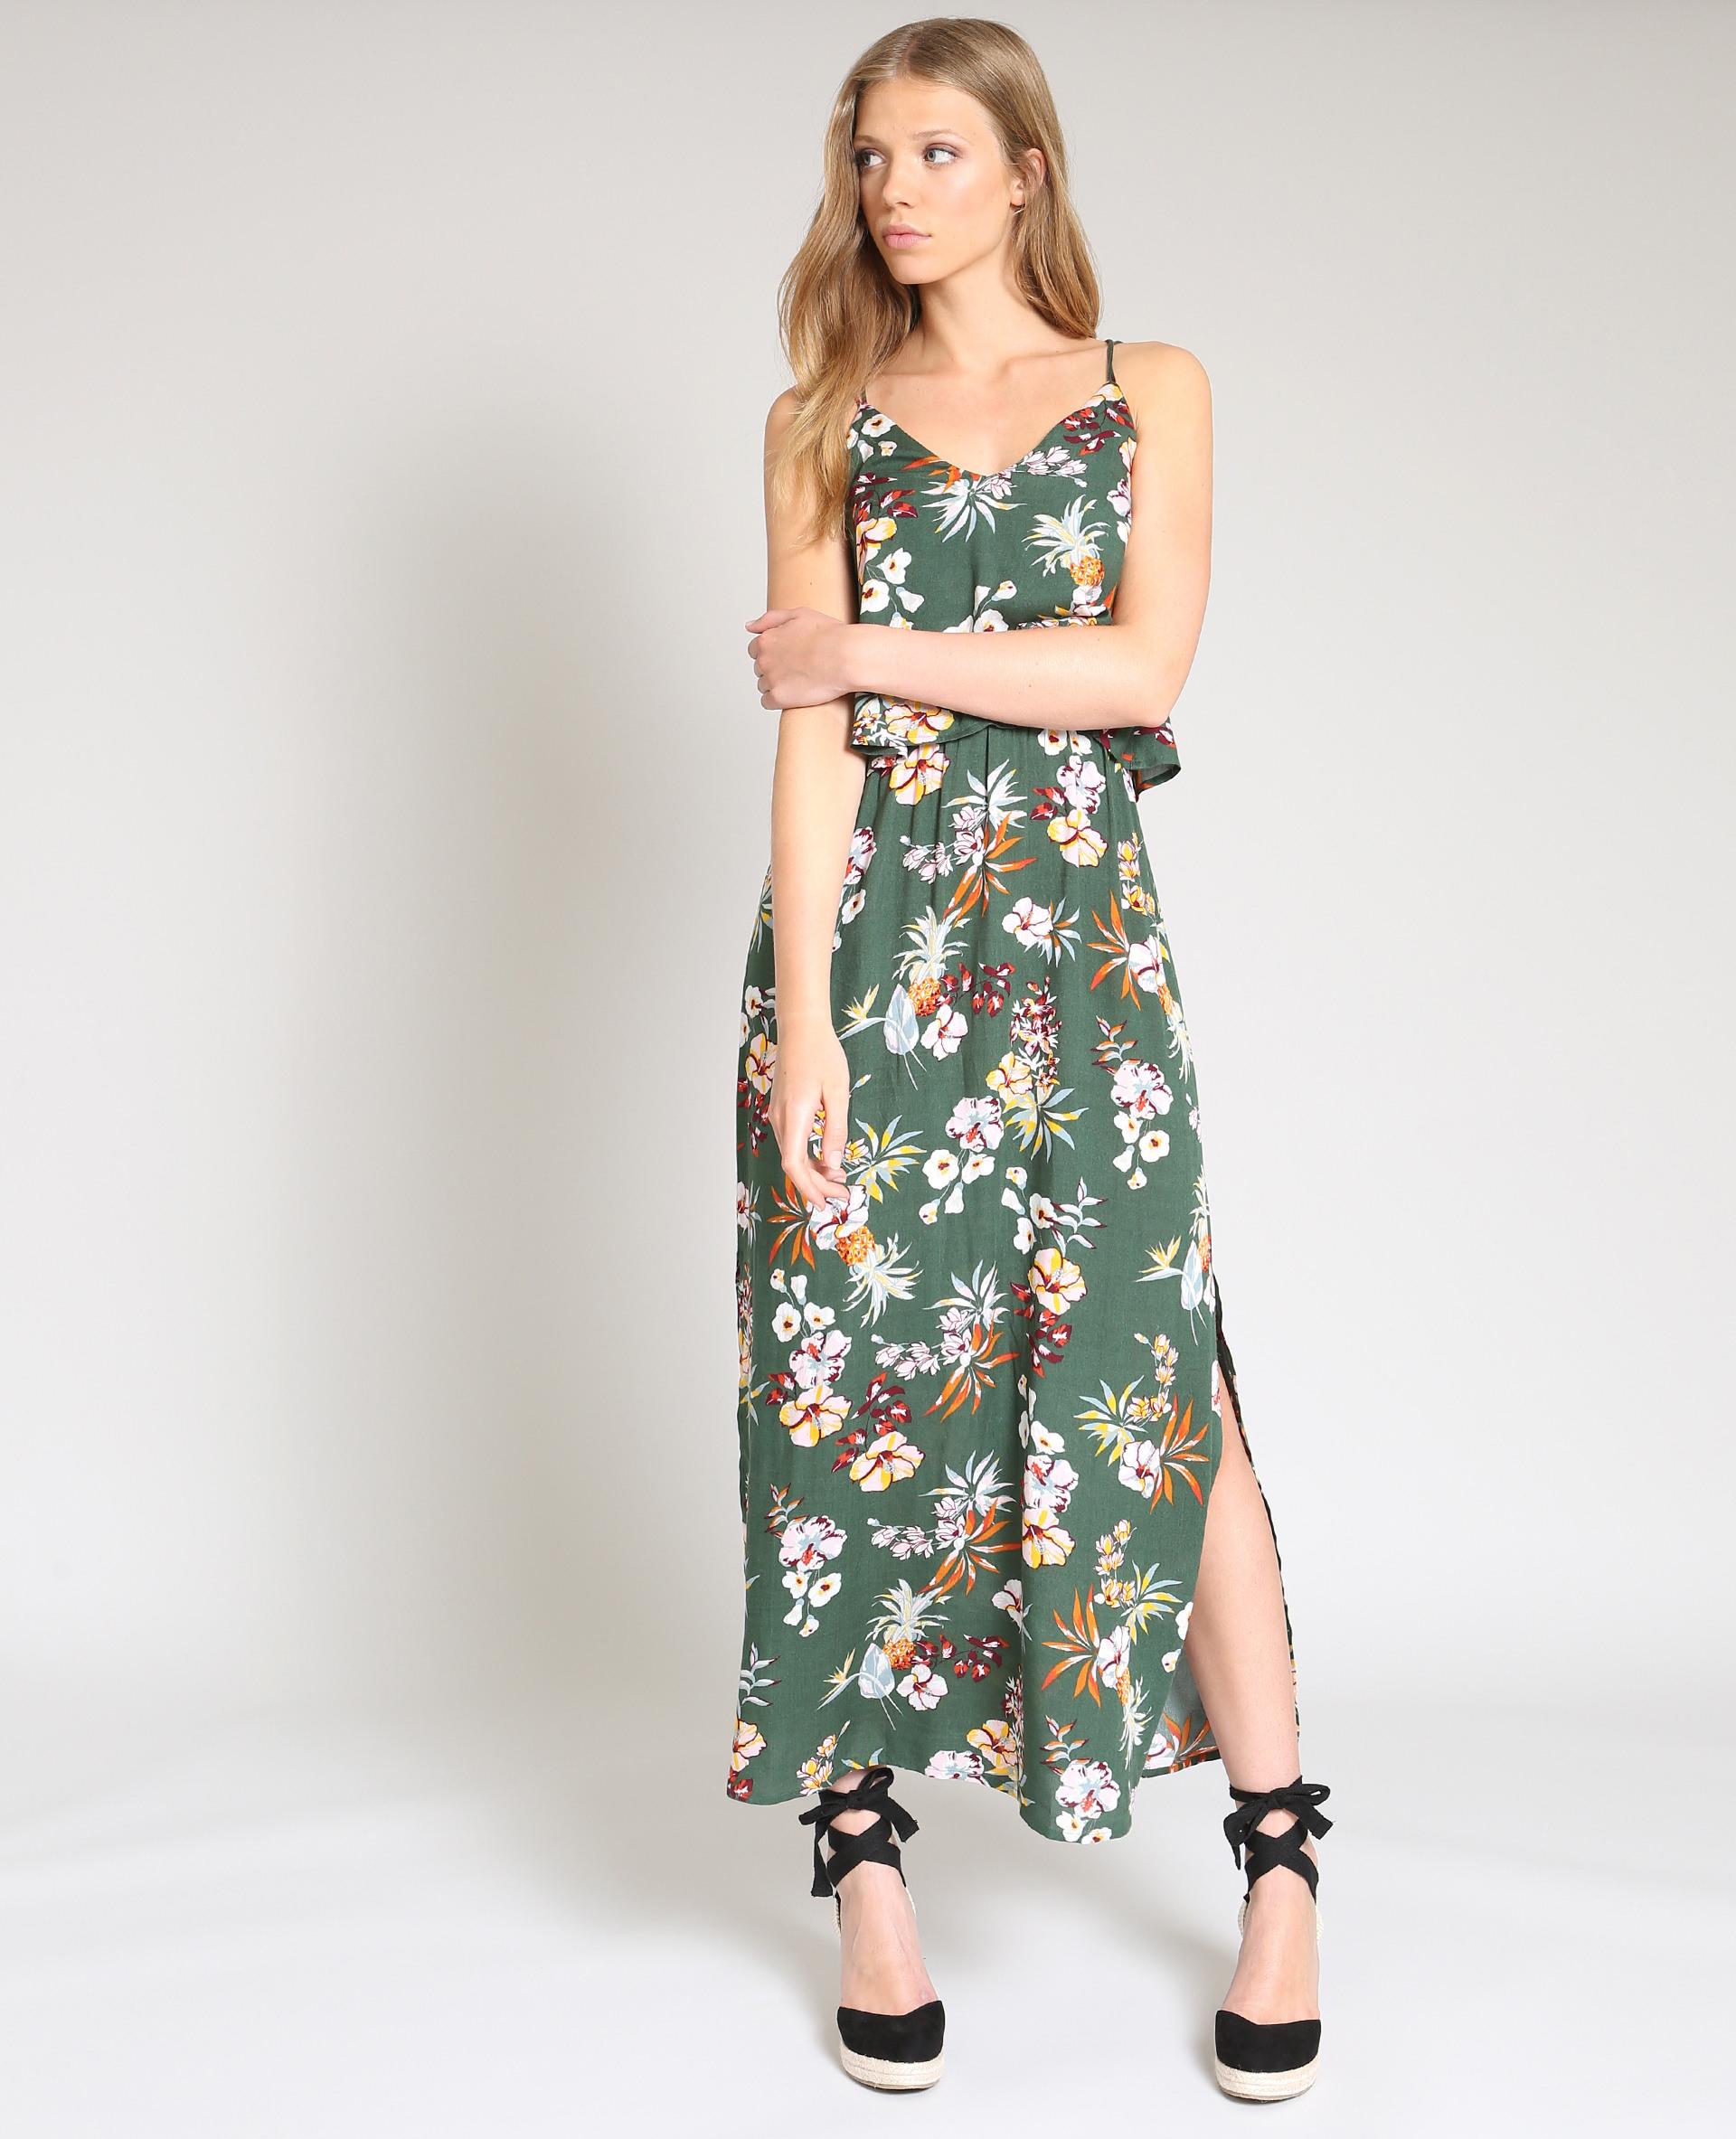 Langes Kleid Mit Blumenprint Grün  780870559E3A  Pimkie